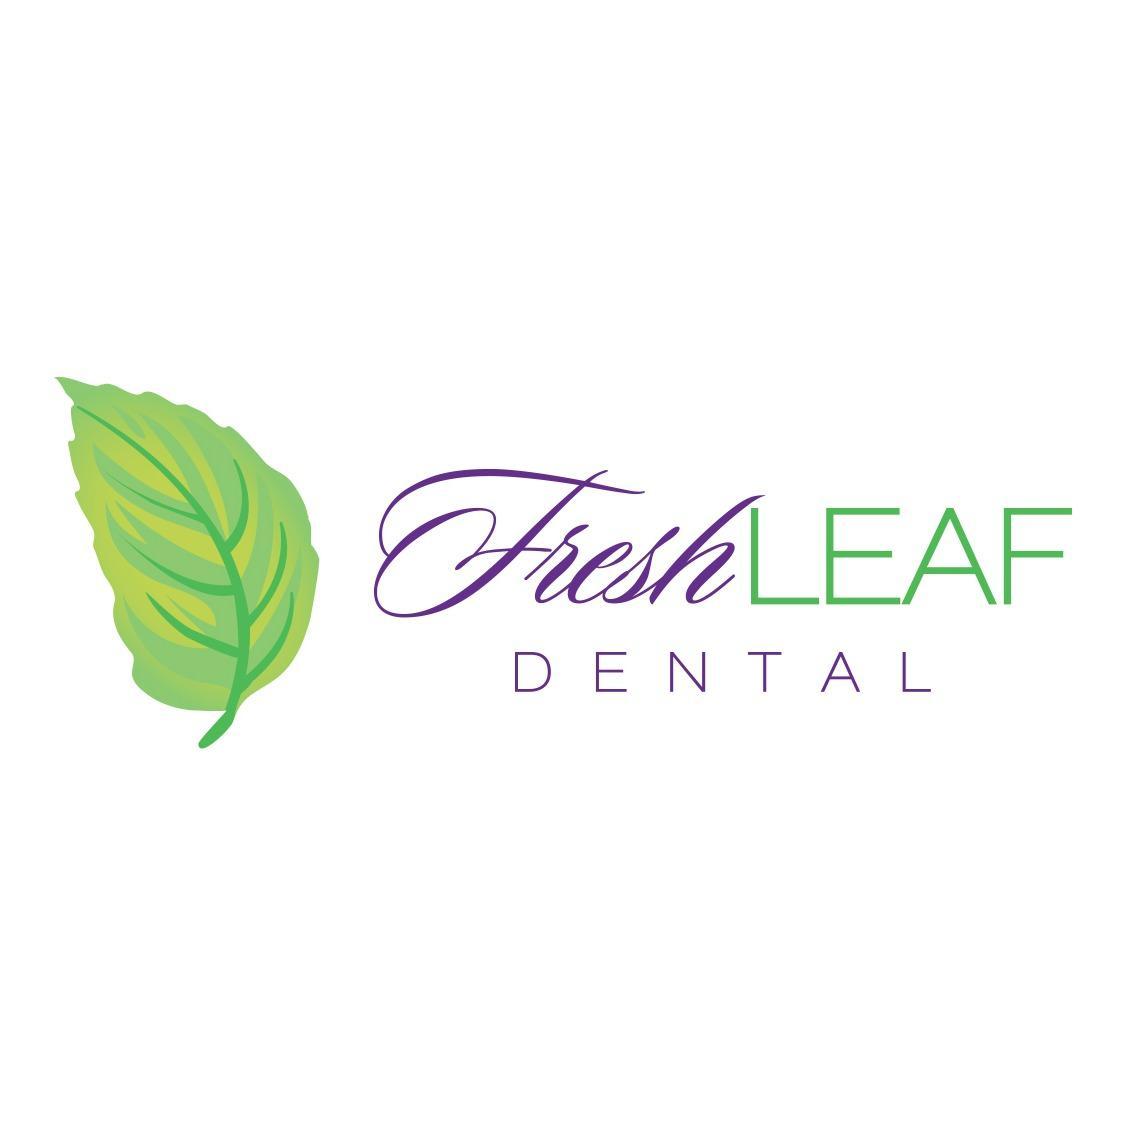 Fresh Leaf Dental